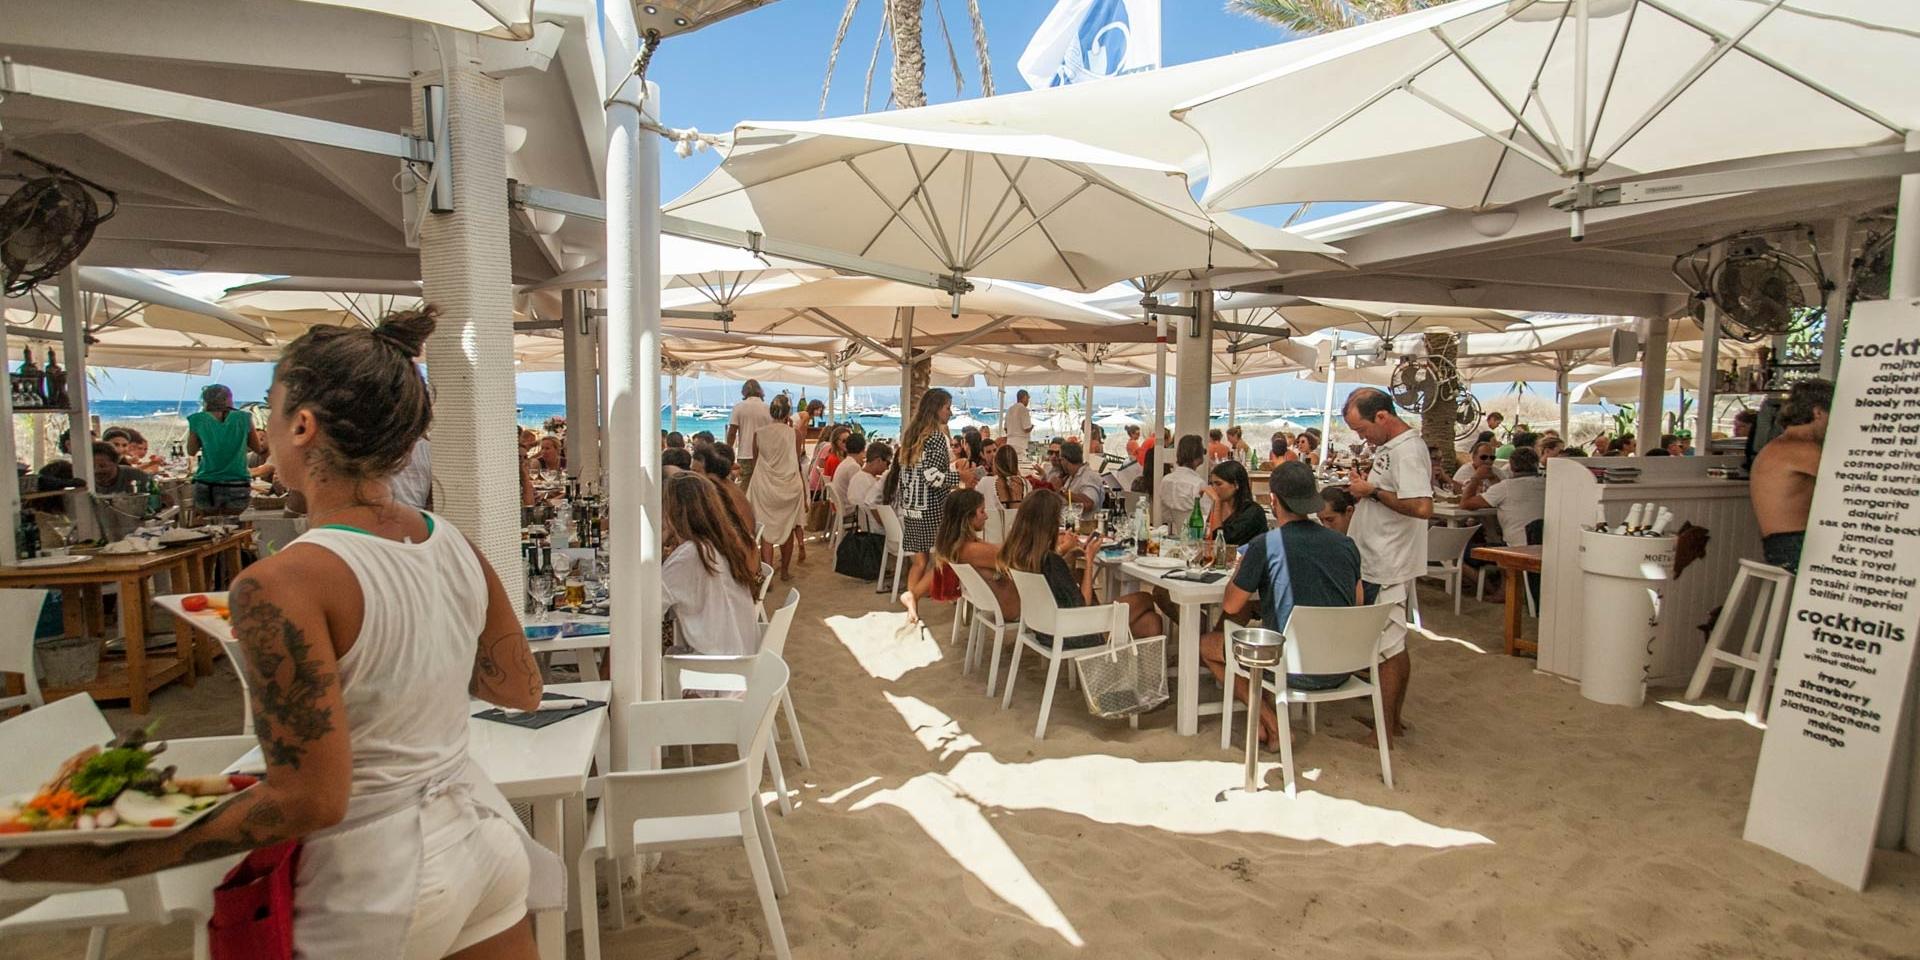 alquiler-barcos-ibiza-veleros- catamaranes- yates-restaurante Juan y Andrea illetas jpg